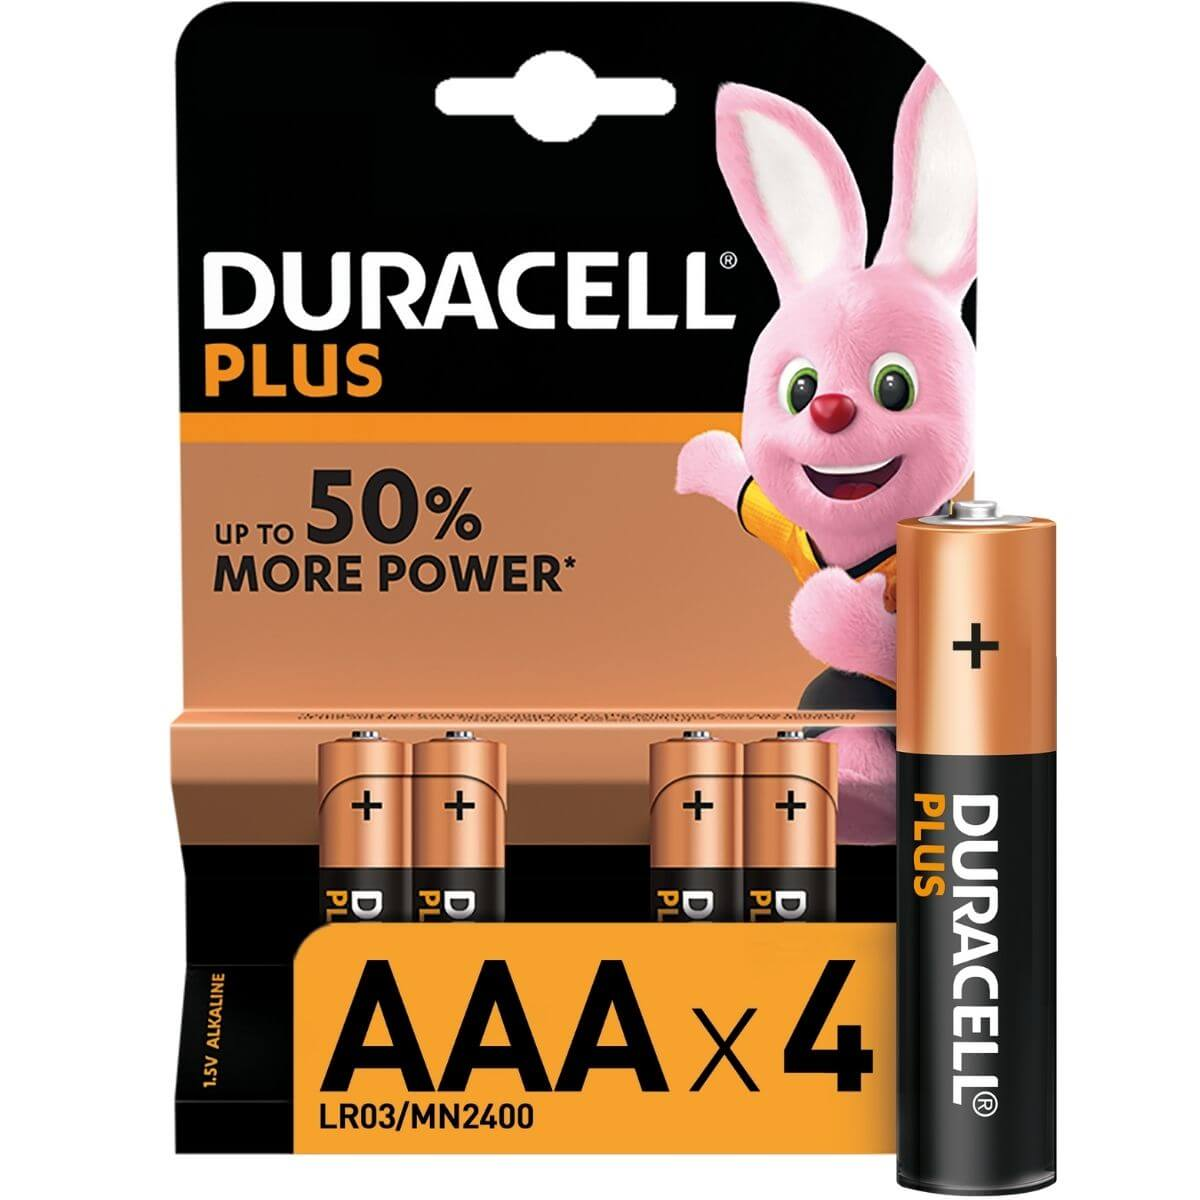 דורסל | מארז 4 סוללות AAAתמונה של